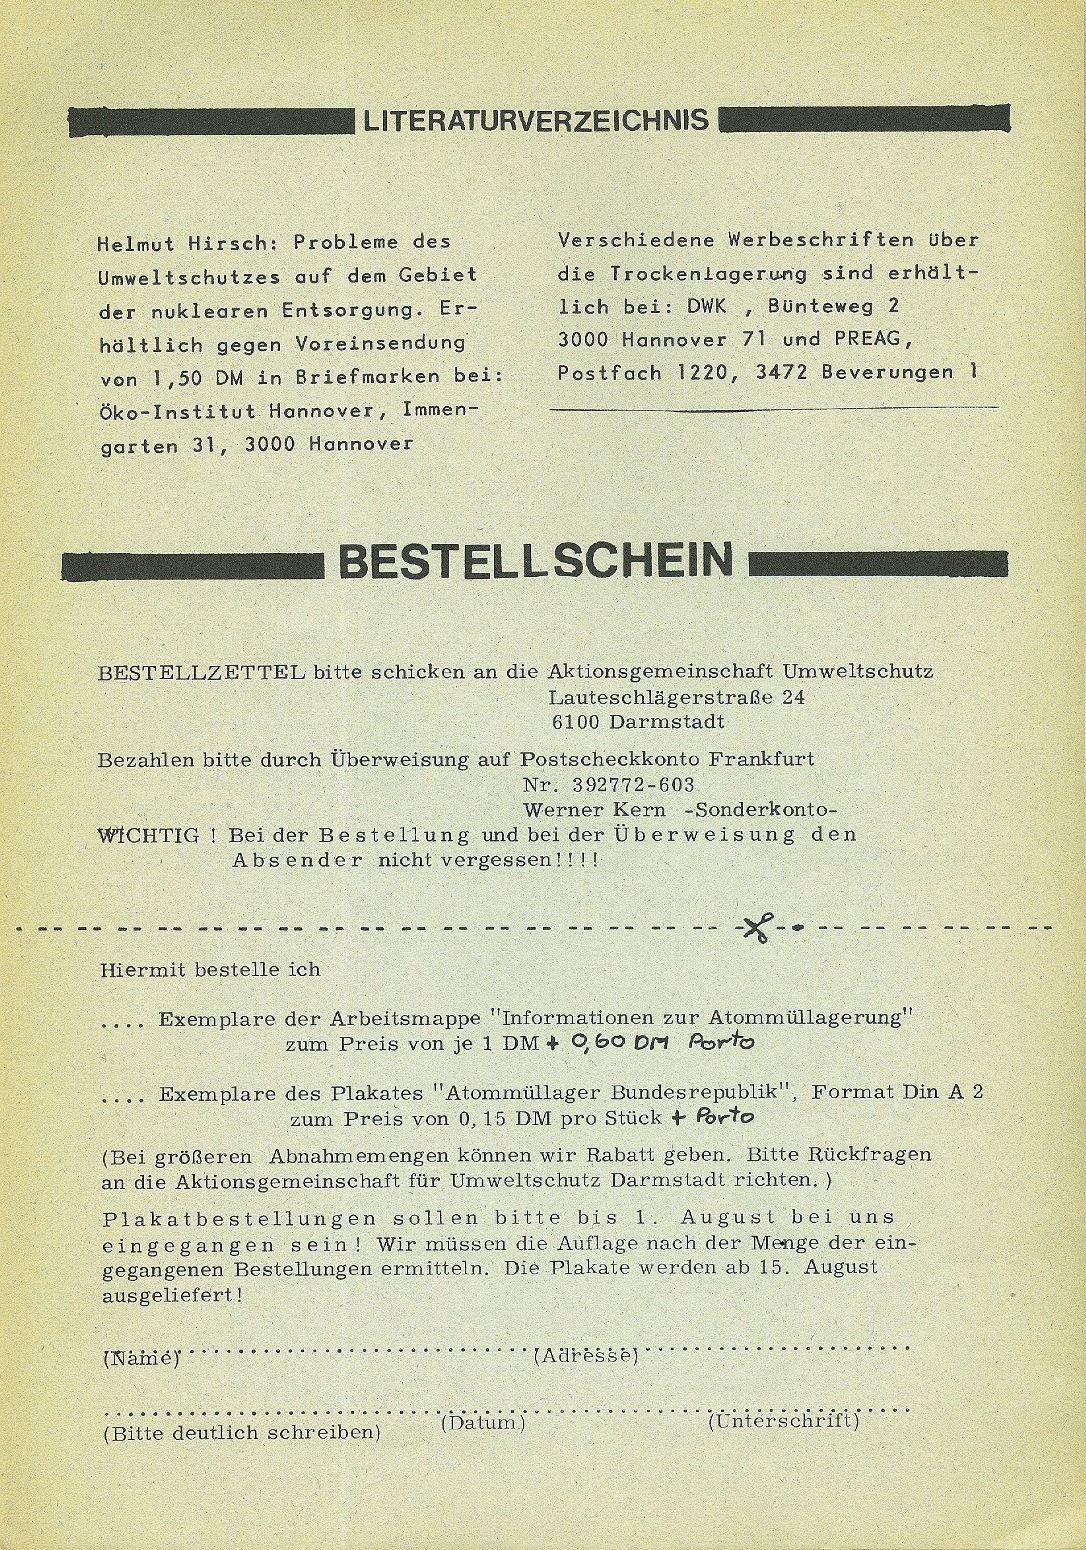 Hessen_AKW028